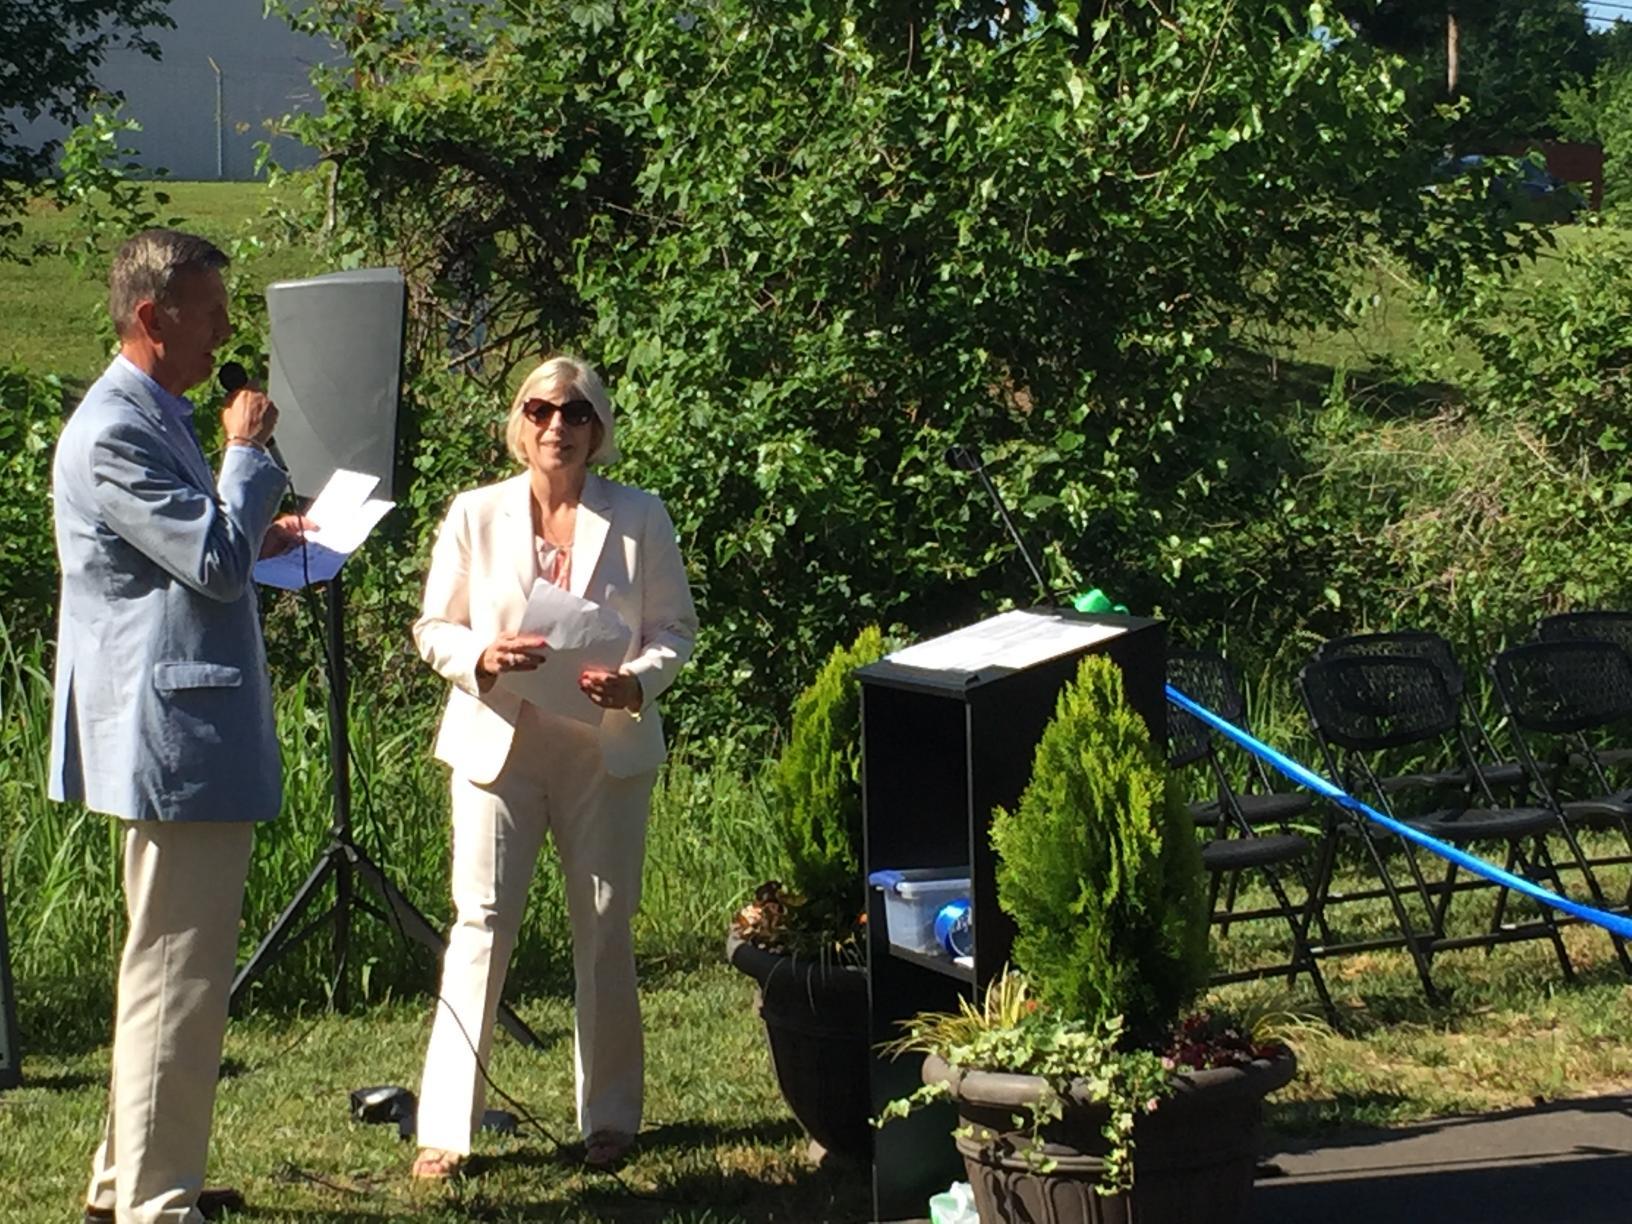 Dena Diorio, Mecklenburg County Executive